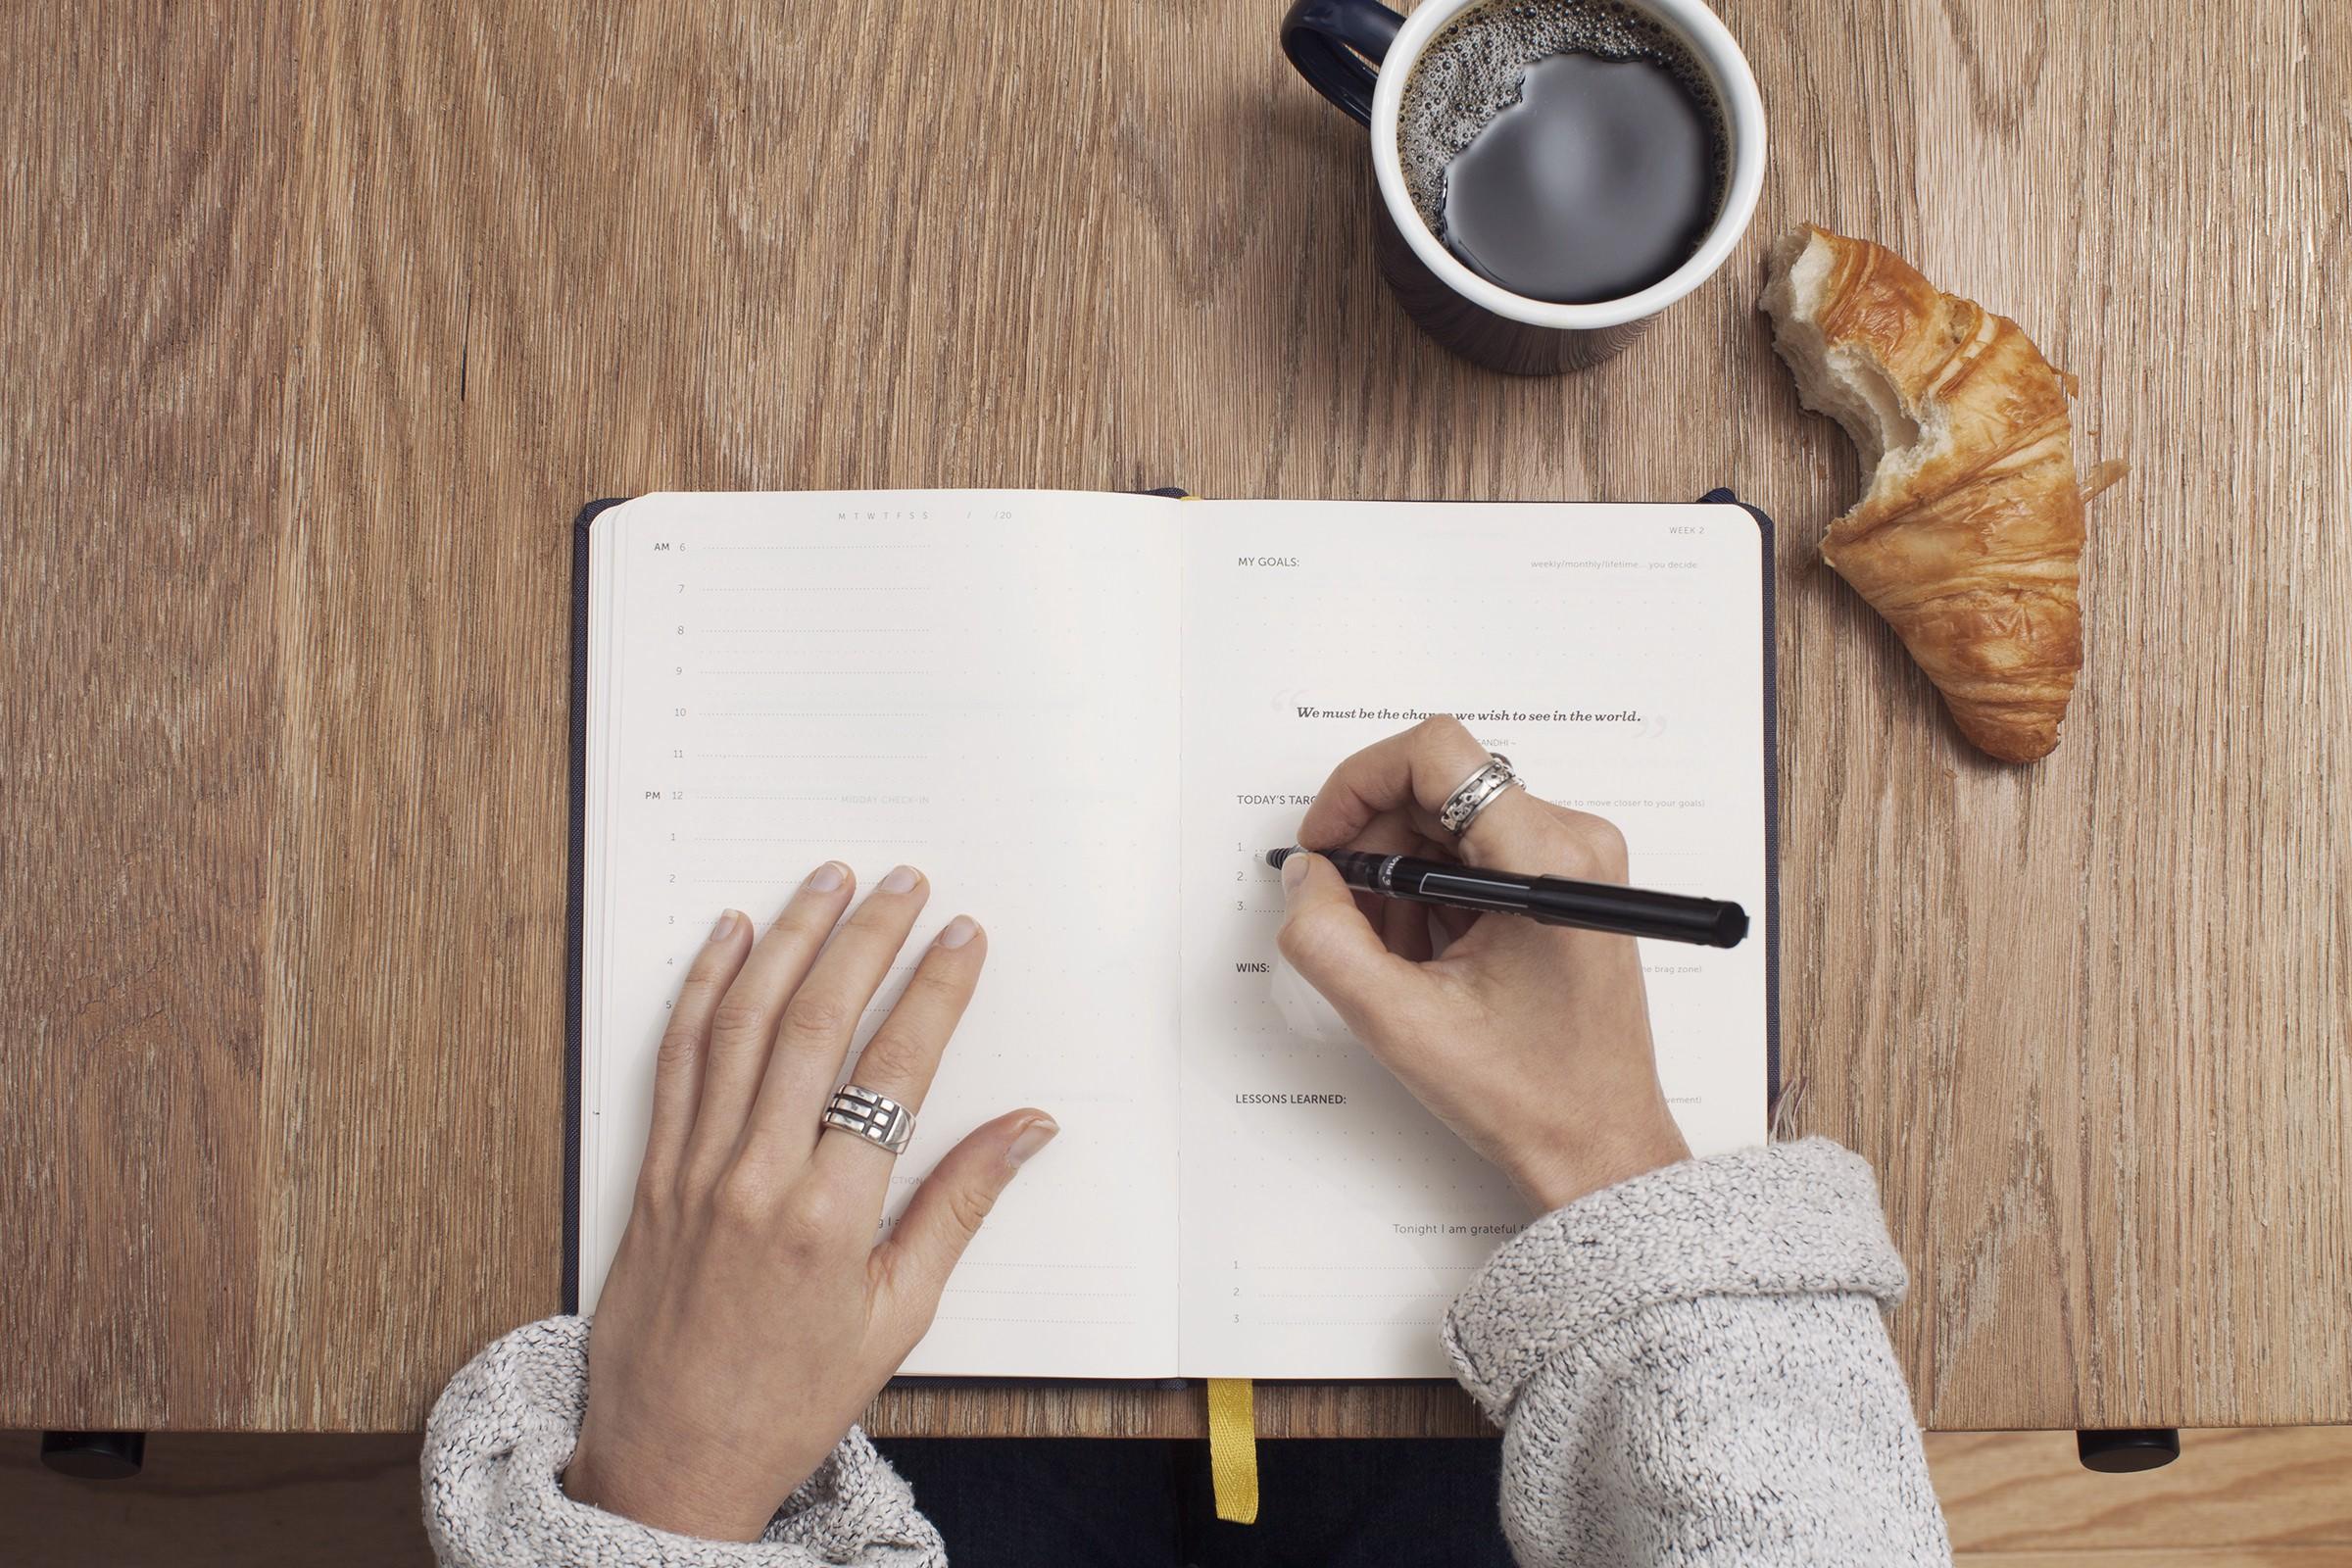 НЕ ТО, ЧТО ВЫ ПОДУМАЛИ: 5 вещей, которые каждое воскресенье делают продуктивные люди